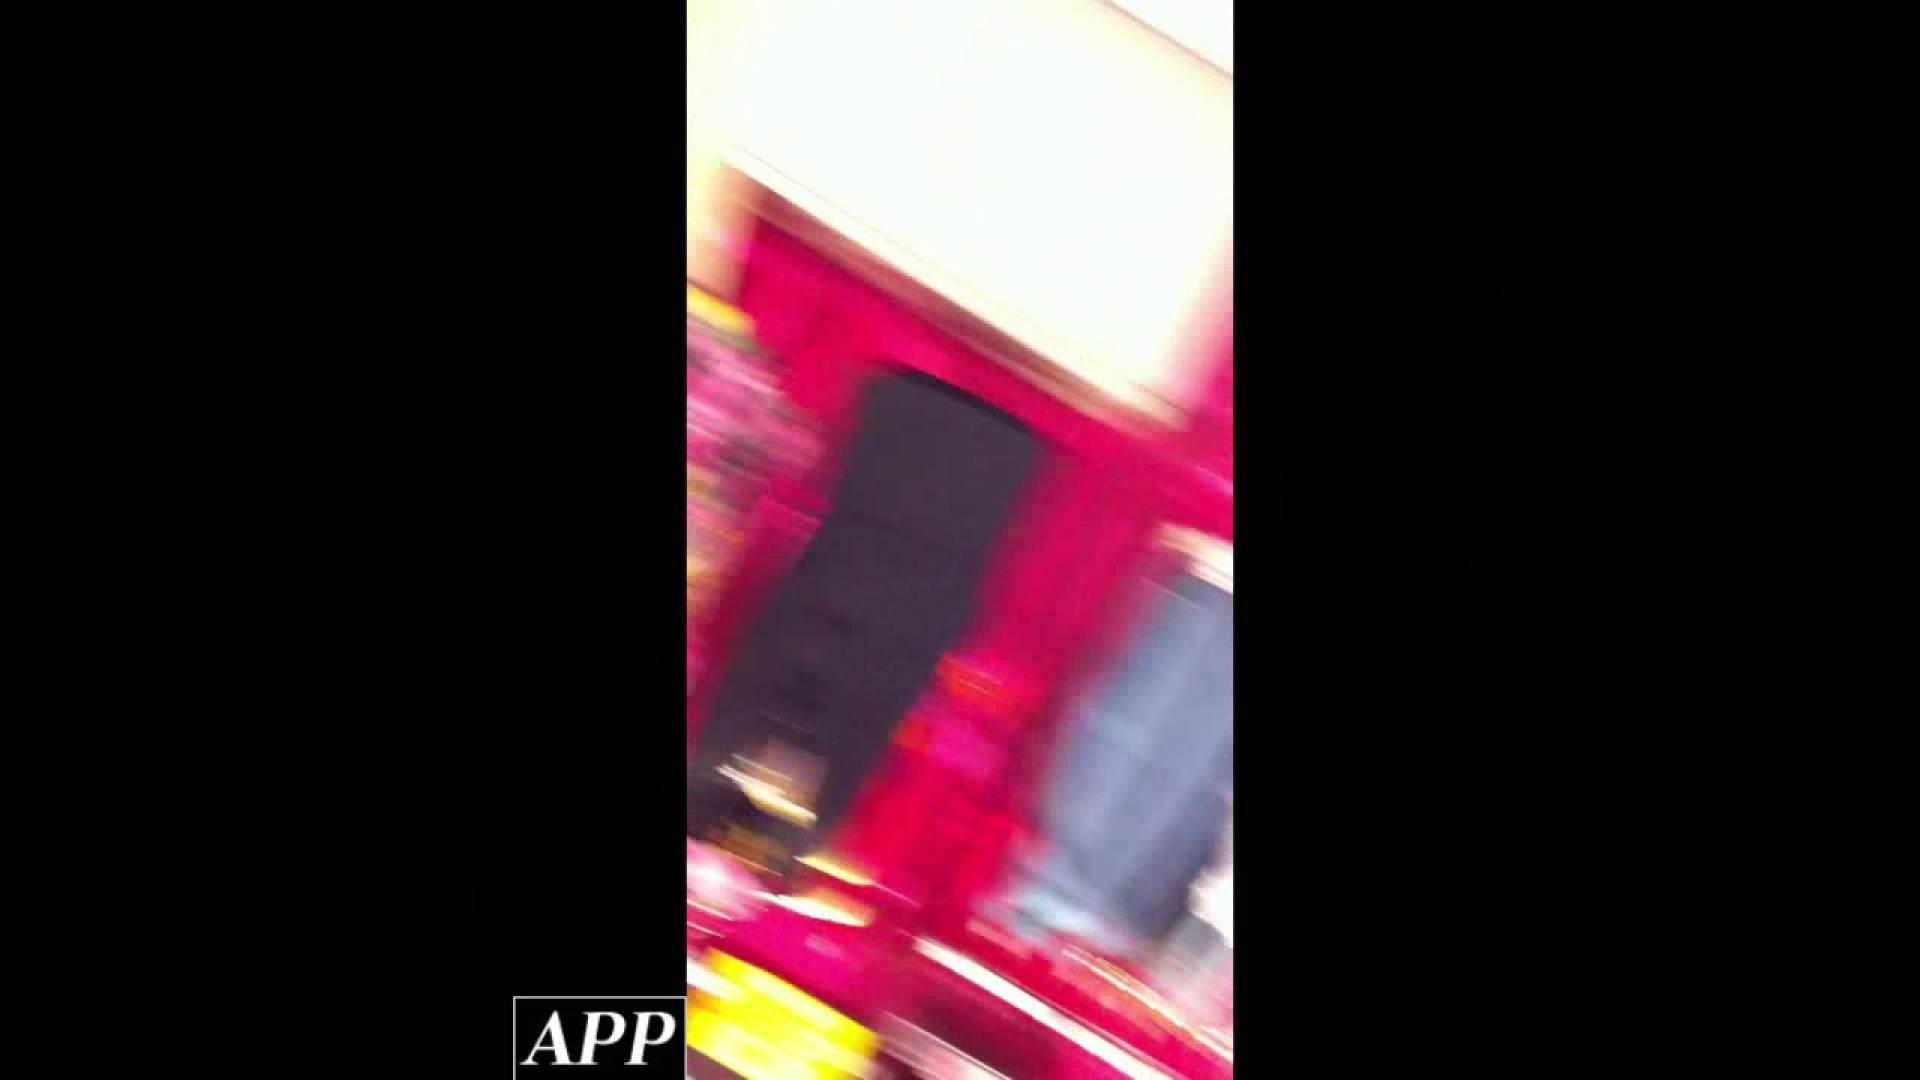 ハイビジョン盗撮!ショップ店員千人斬り!胸チラ編 vol.76 接写 盗撮画像 97PIX 68